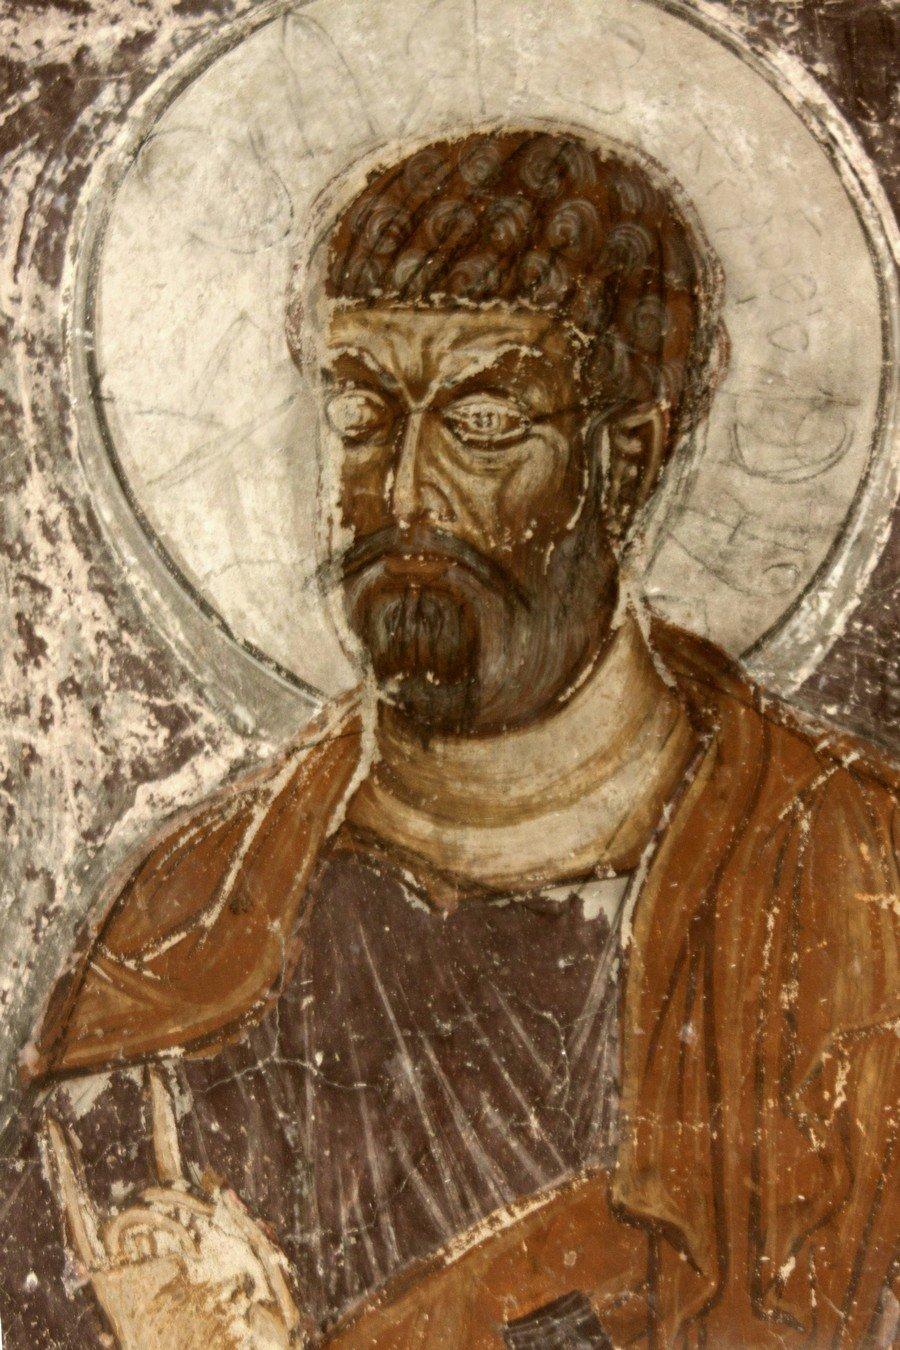 Святой Апостол. Фреска монастыря Шиомгвиме (Шио-Мгвимского монастыря), Грузия.